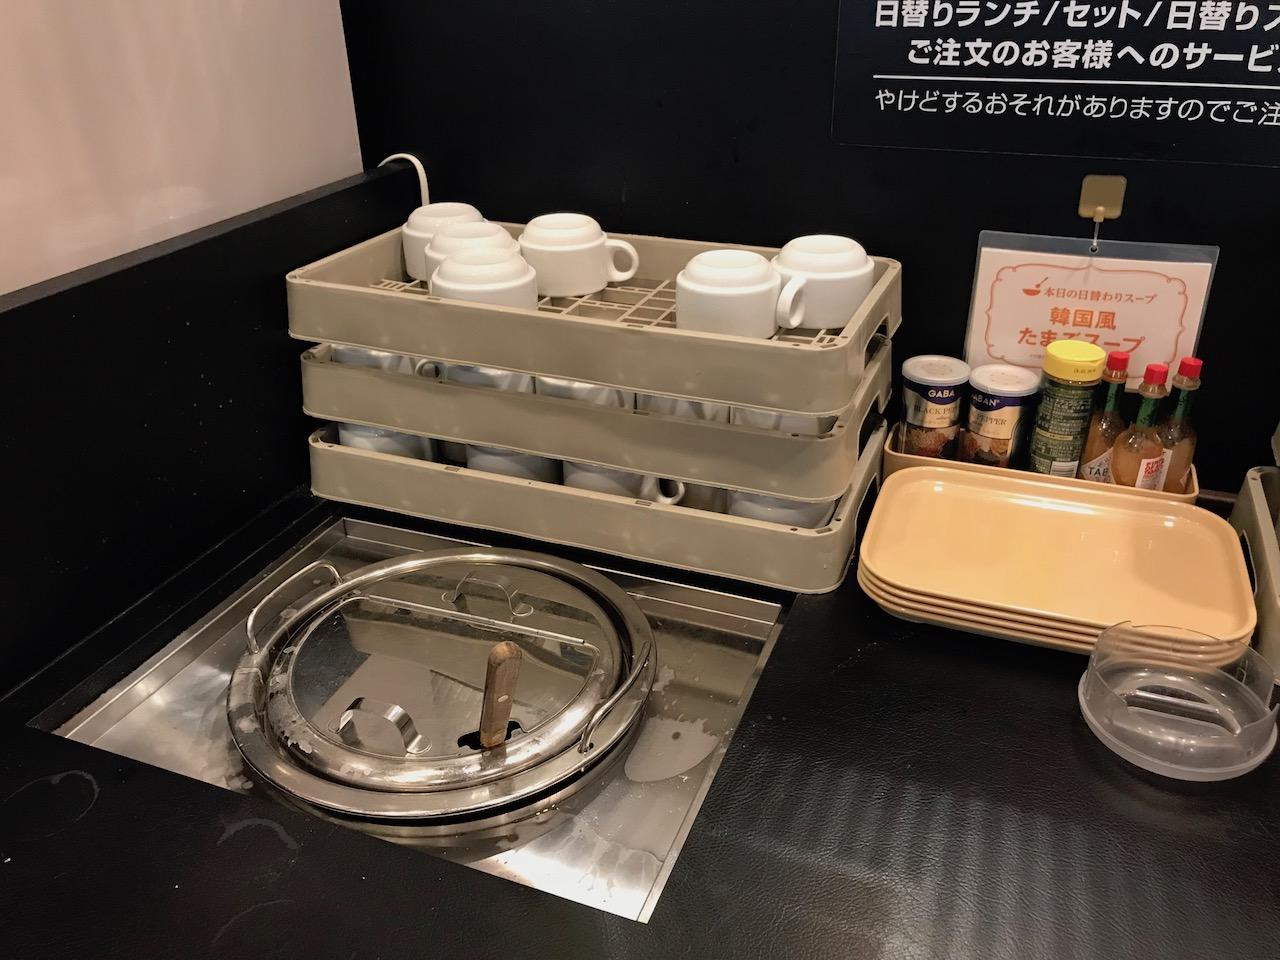 姫路駅前で遅めのランチなら「ガスト」へ!ワンコインでご飯大盛り無料